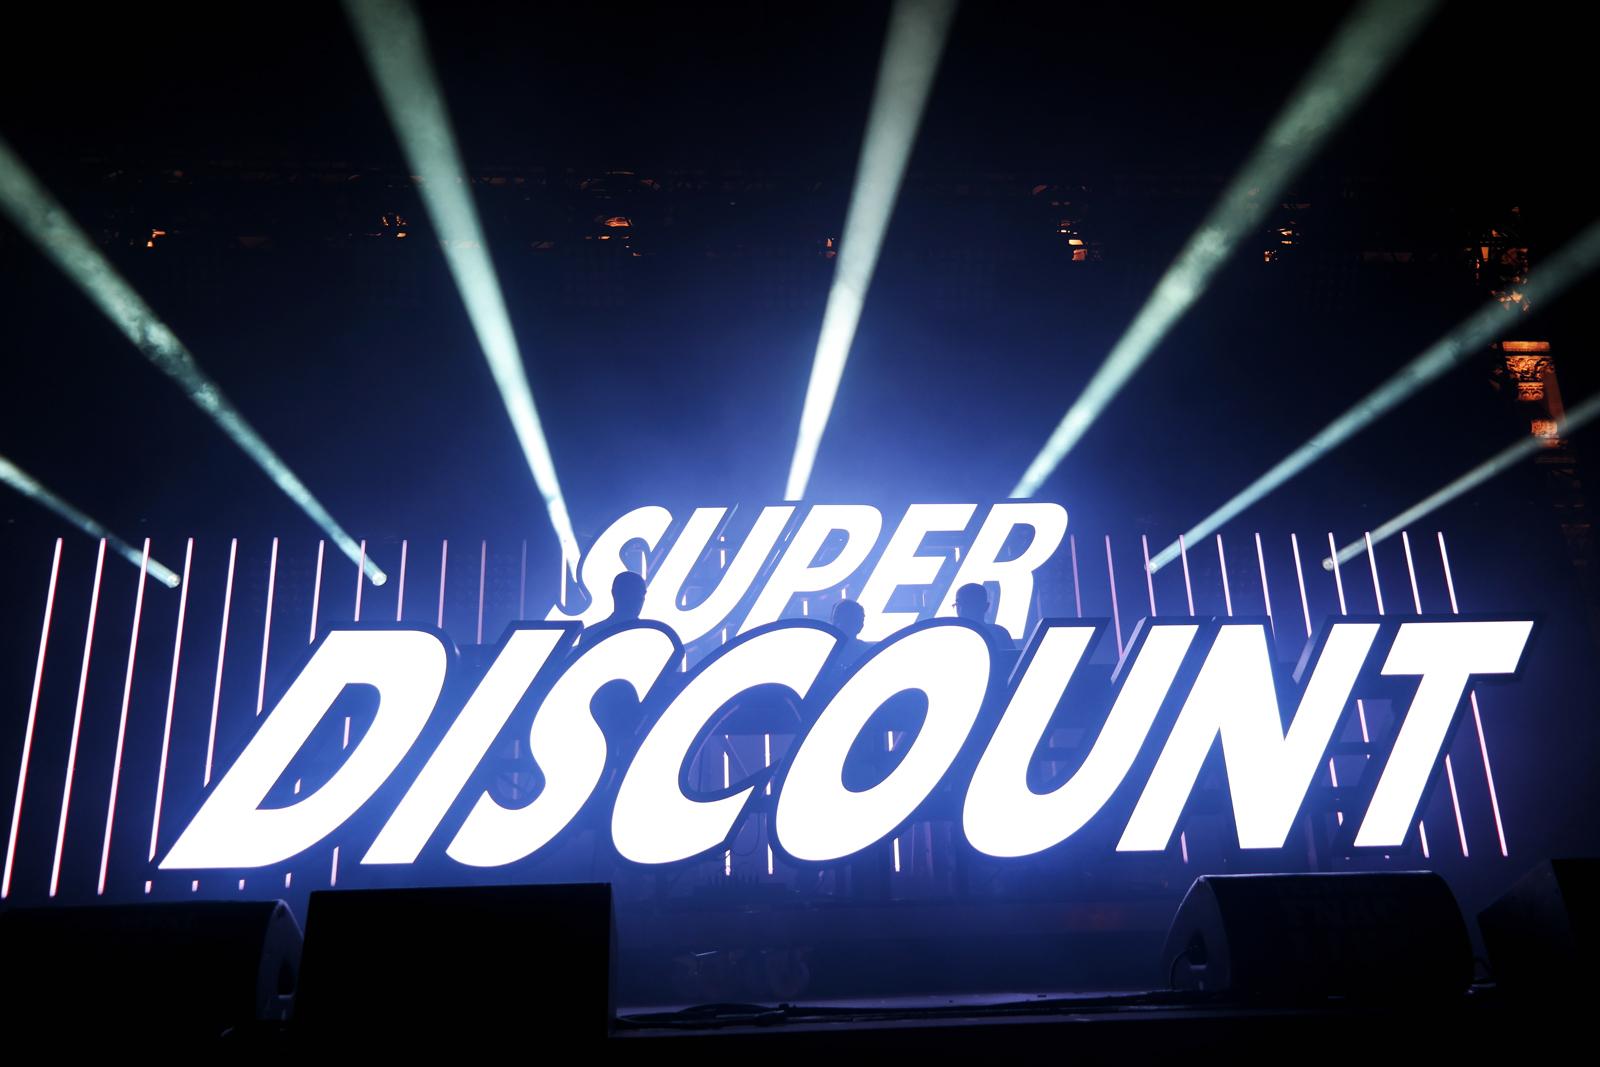 Etienne-de-Crécy-Super-Discount-3-live-fnaclive-concert-dj-set-festival-musique-stage-lights-photo-scène-by-united-states-of-paris-blog